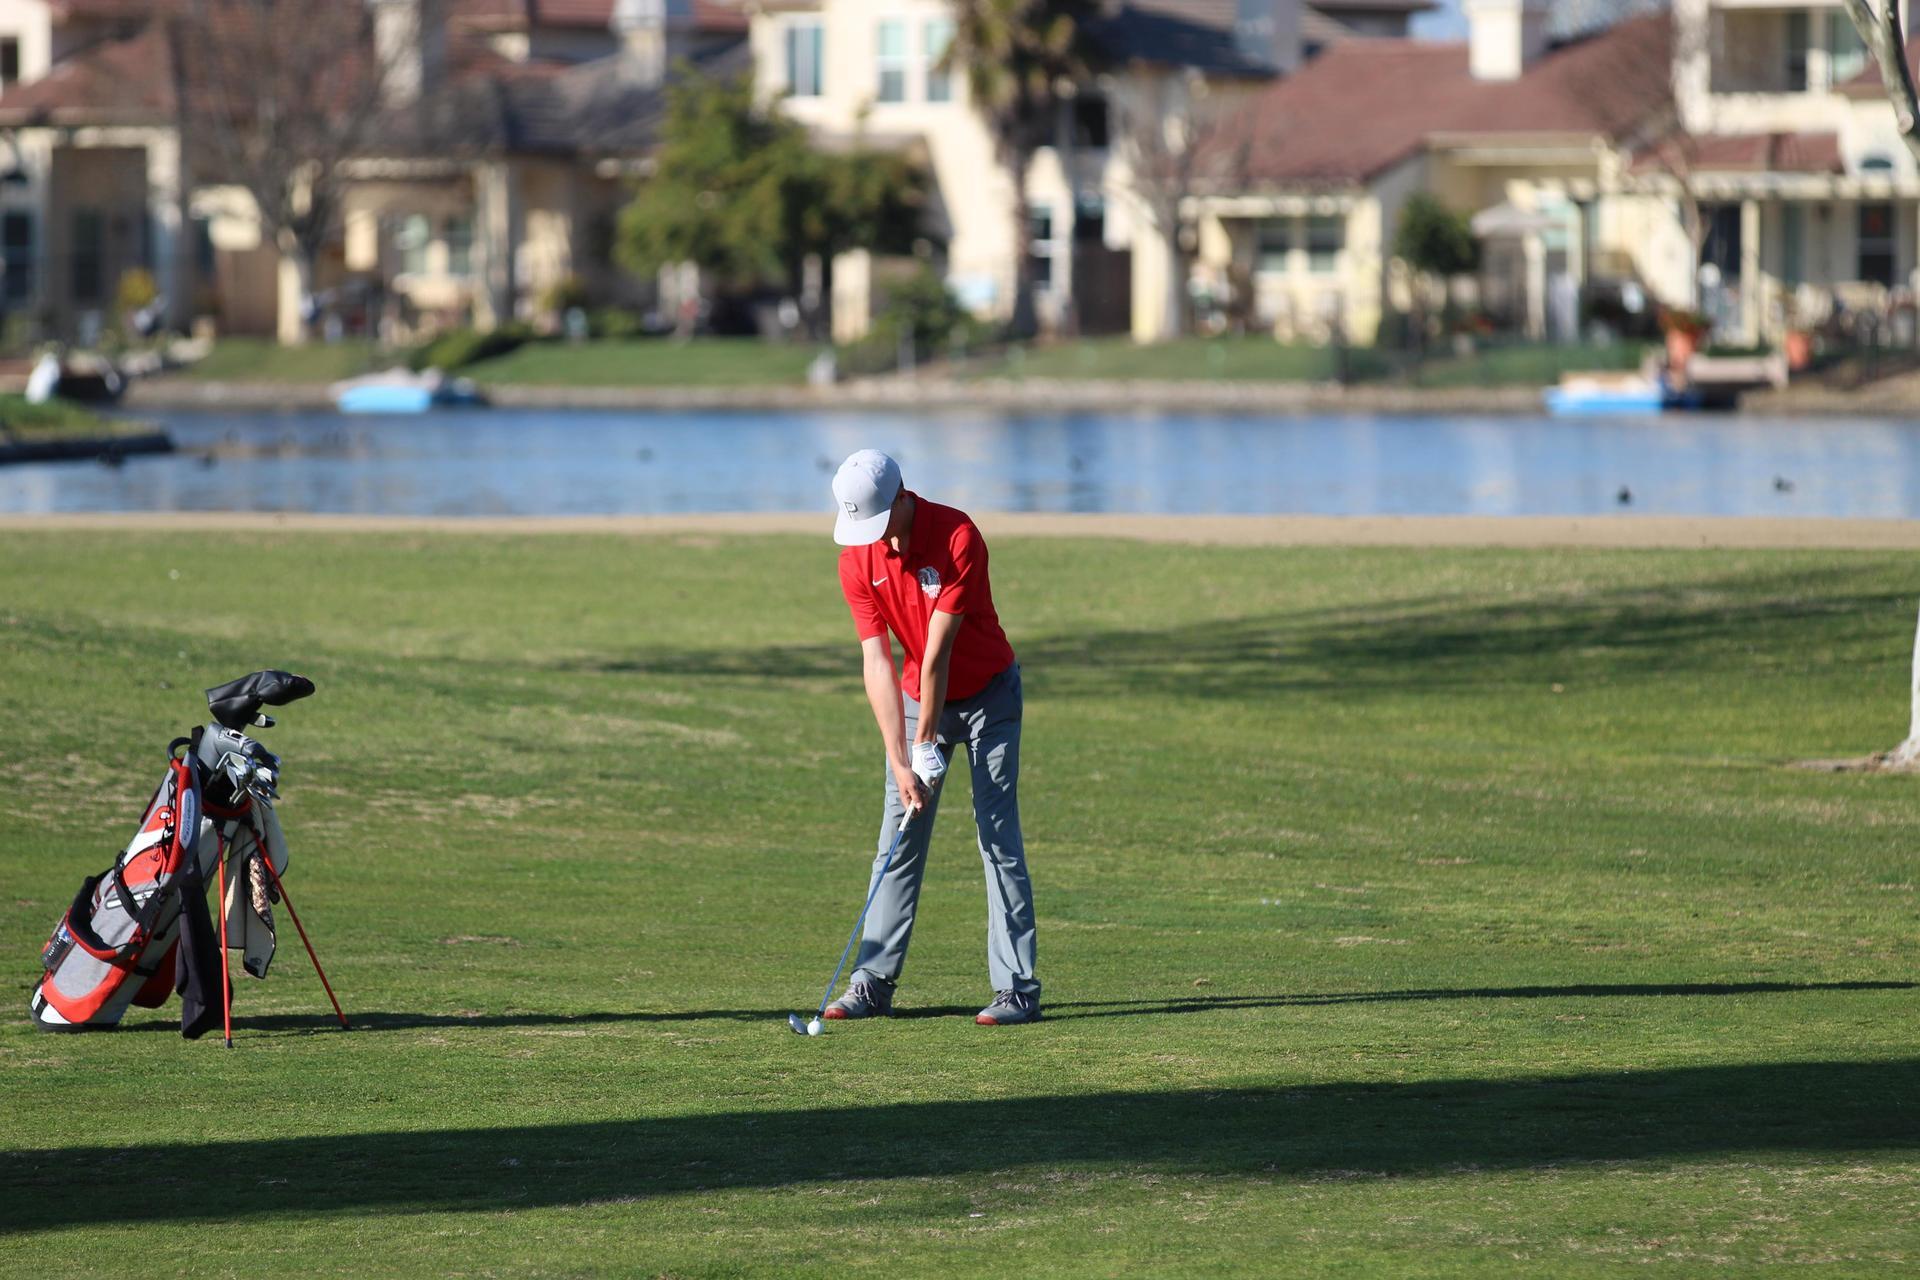 boys playing golf against Los Banosboys playing golf against Los Banos